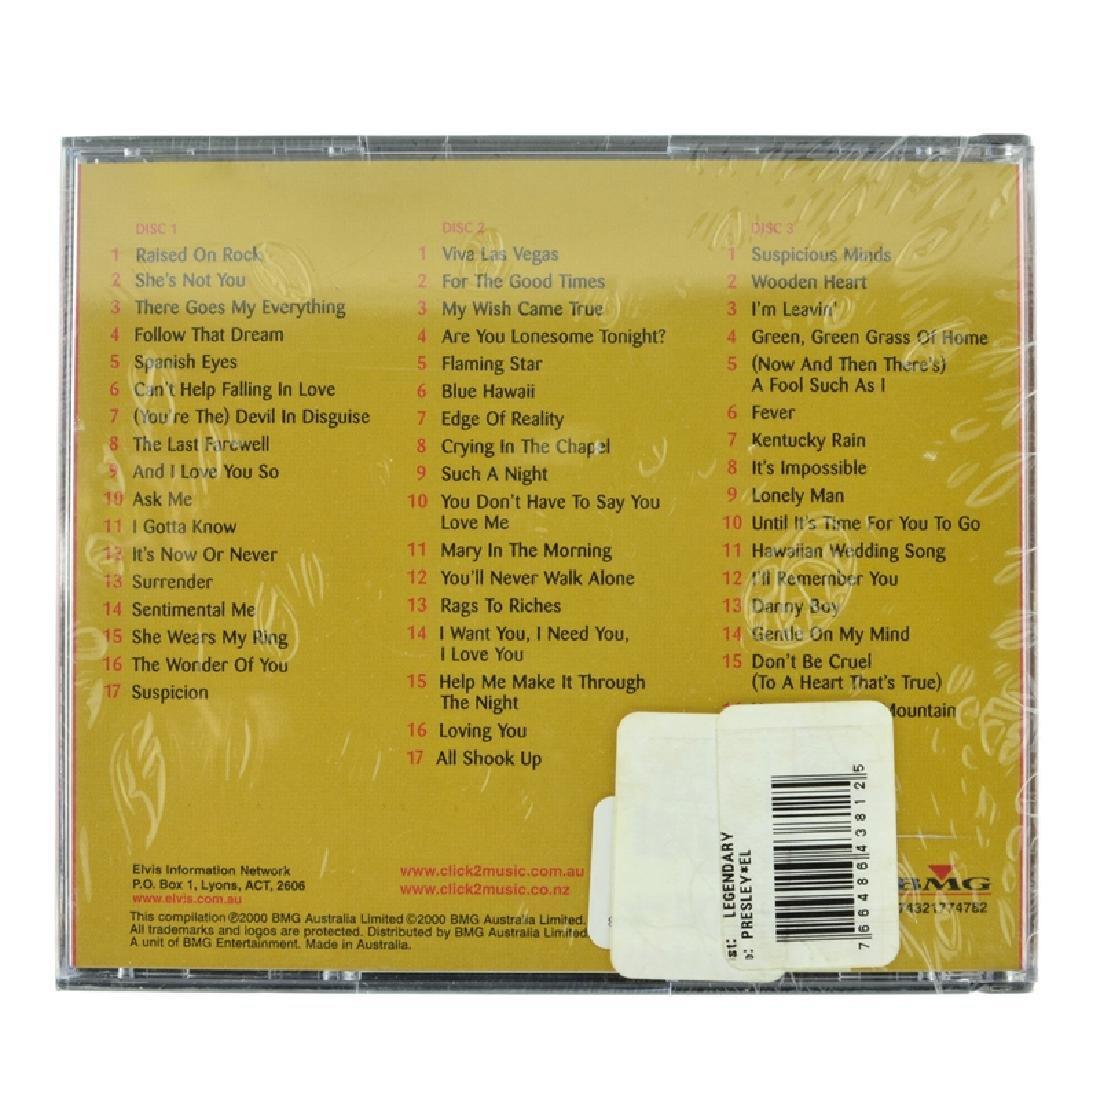 Elvis Presley 3 CD's Legendary (Unopen) - 2